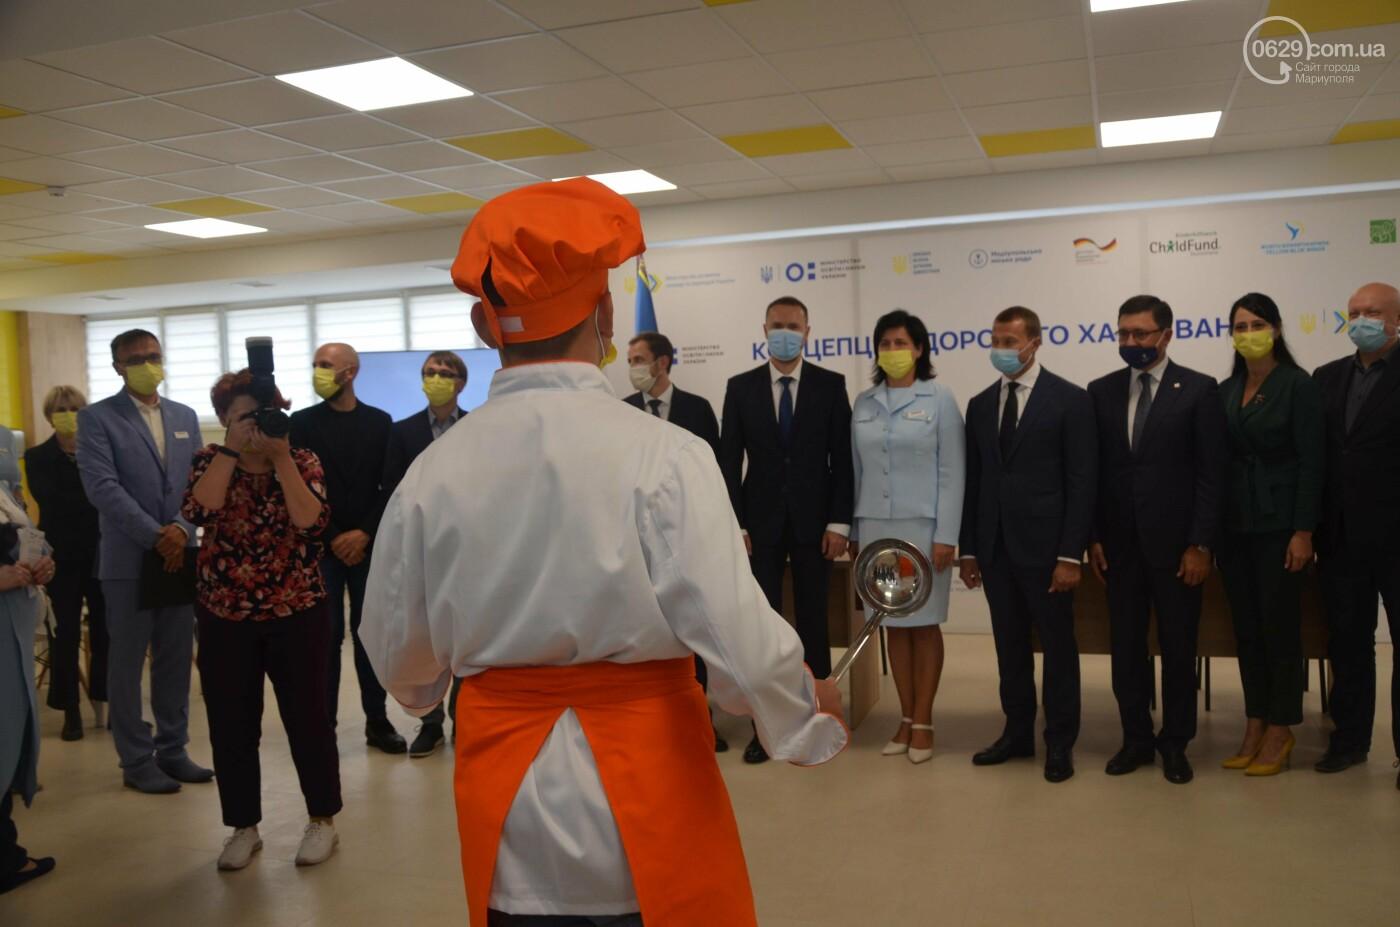 Министр образования пообедал в школьной столовой Мариуполя, - ФОТО, фото-14